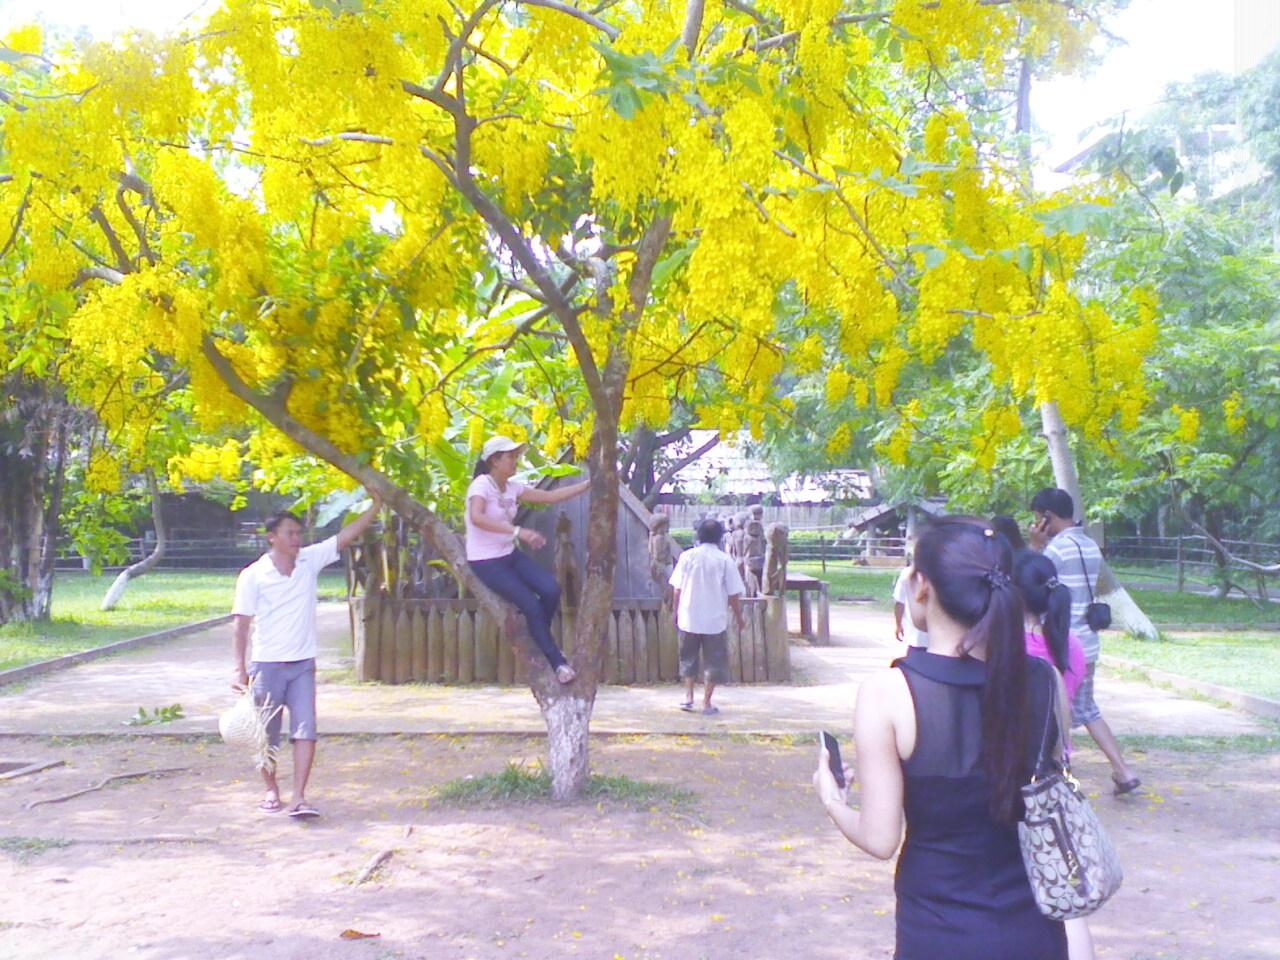 Chụp ảnh, gọi điện và xem chơi nhà mồ Tây Nguyên cạnh bóng cây muồng hoàng yến